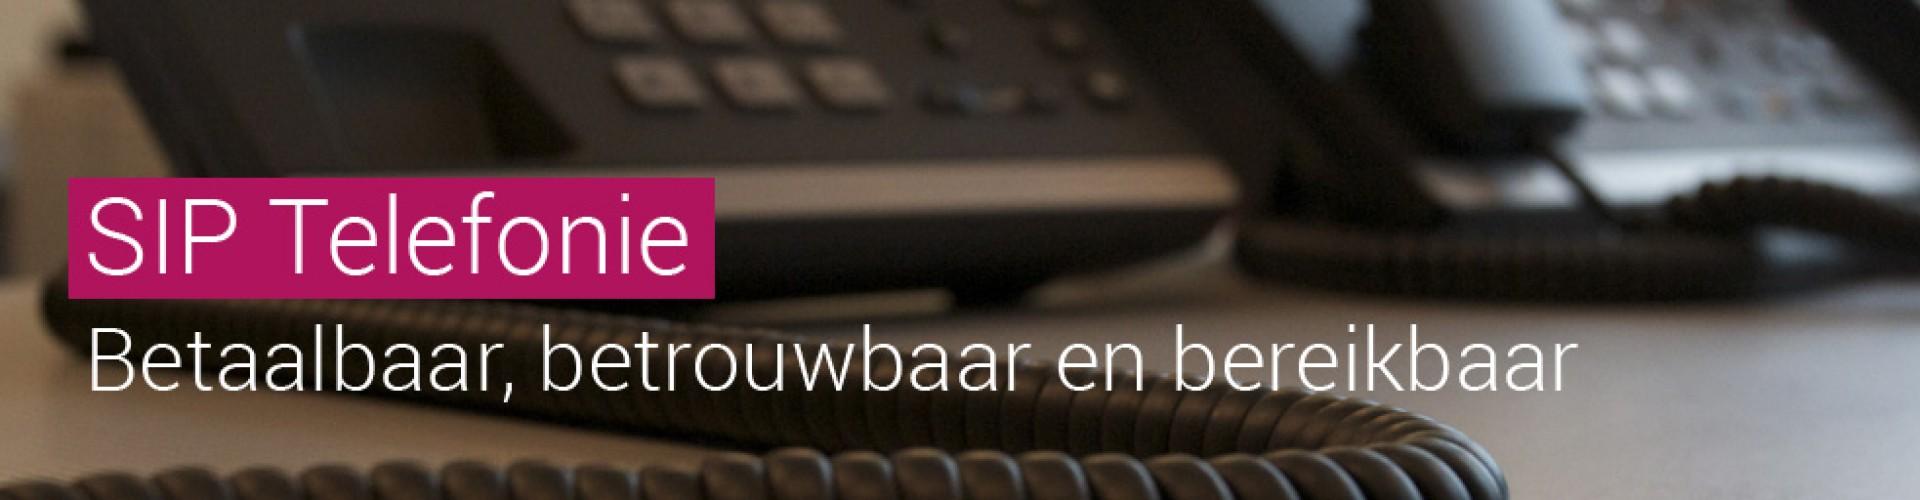 sip telefonie betaalbaar, betrouwbaar en bereikbaar